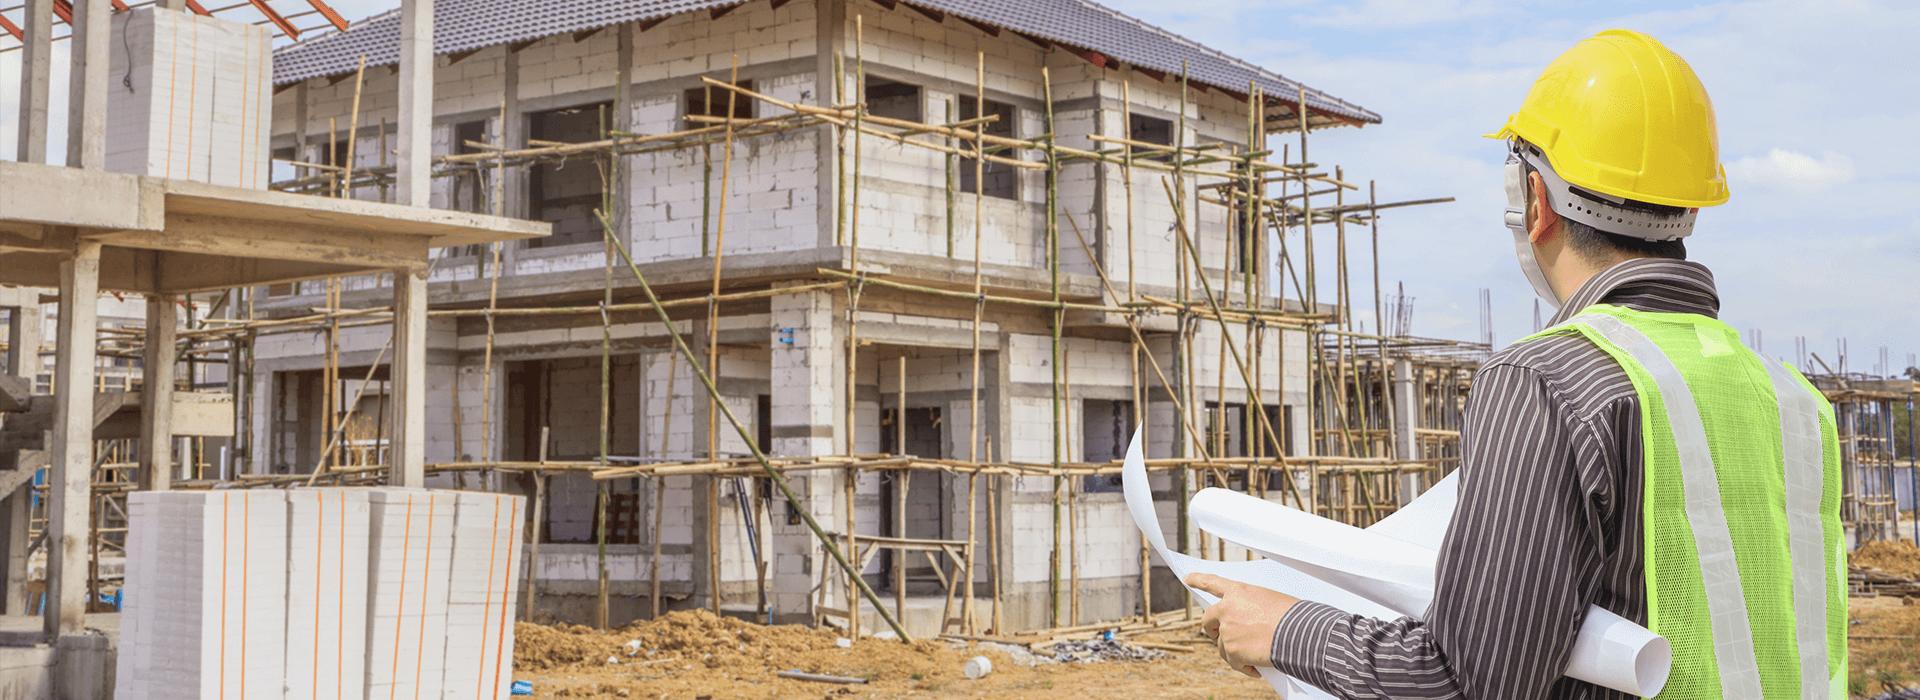 backgrounds-realisation-construction-Georges-sur-Meuse